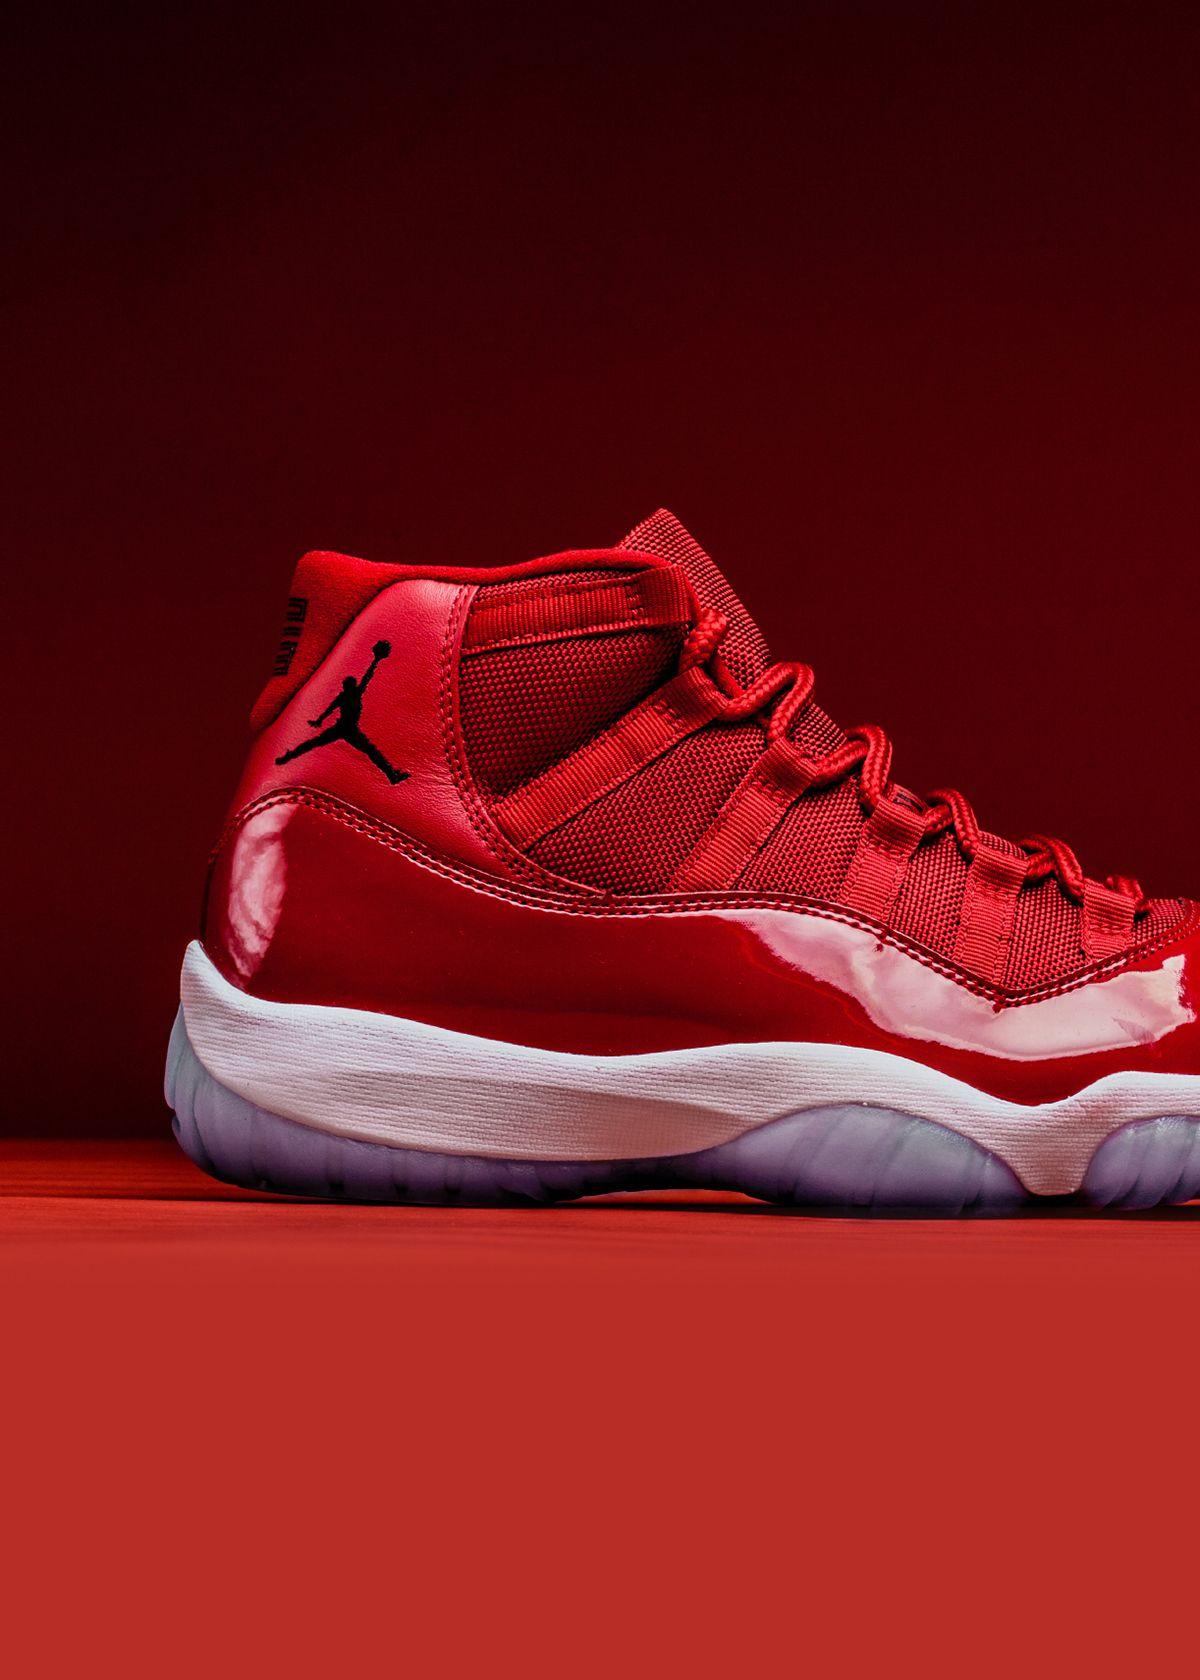 Air Jordan 11 Retro 'Win Like 96' | Air jordans, Jordan 11